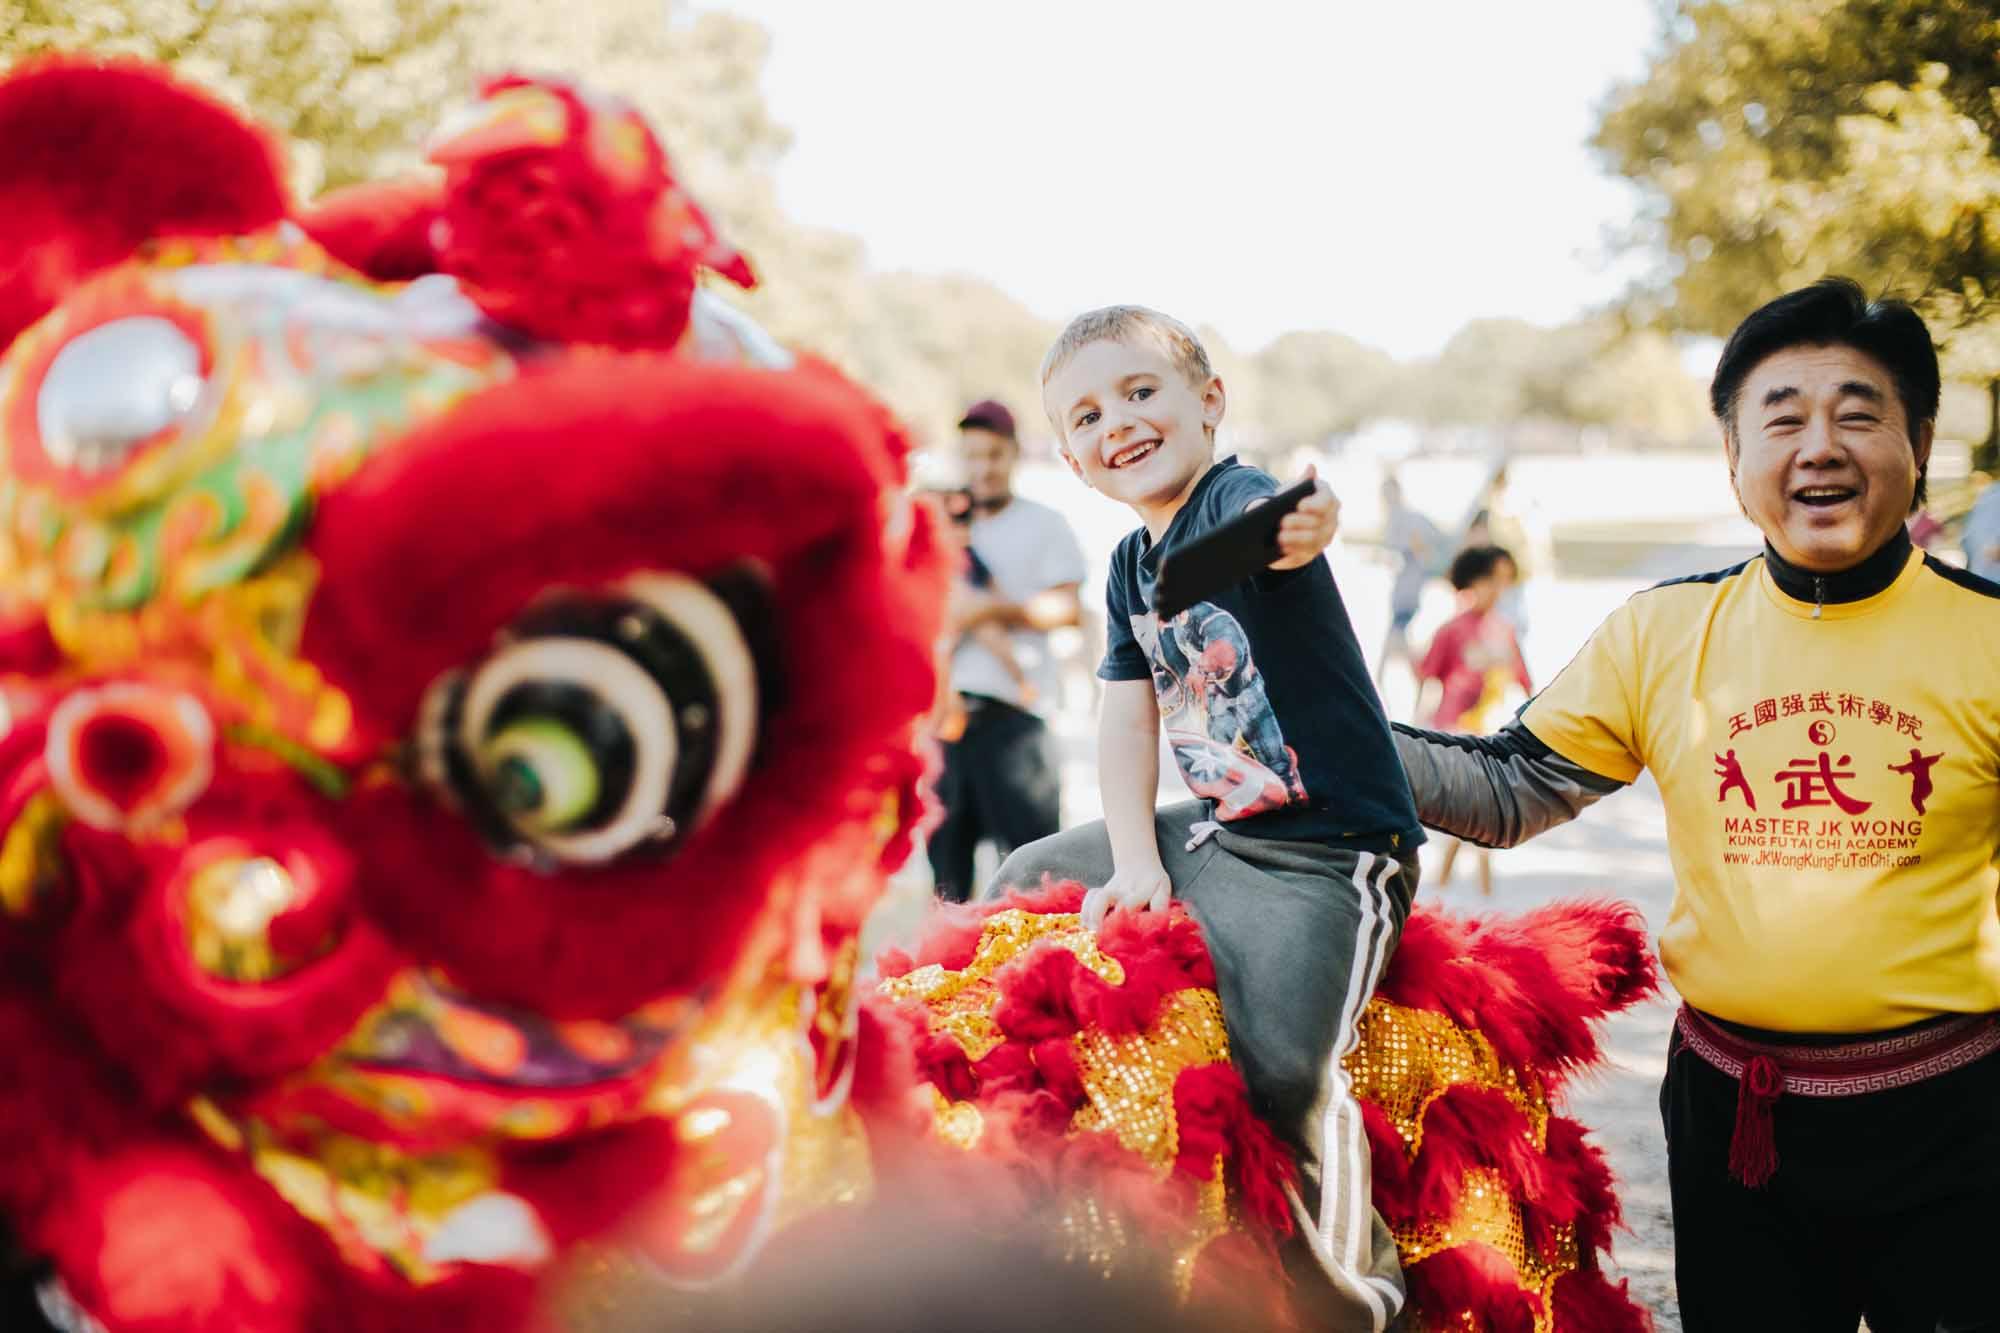 2019 Ricochet Lion Dancers photo by Kathy Tran